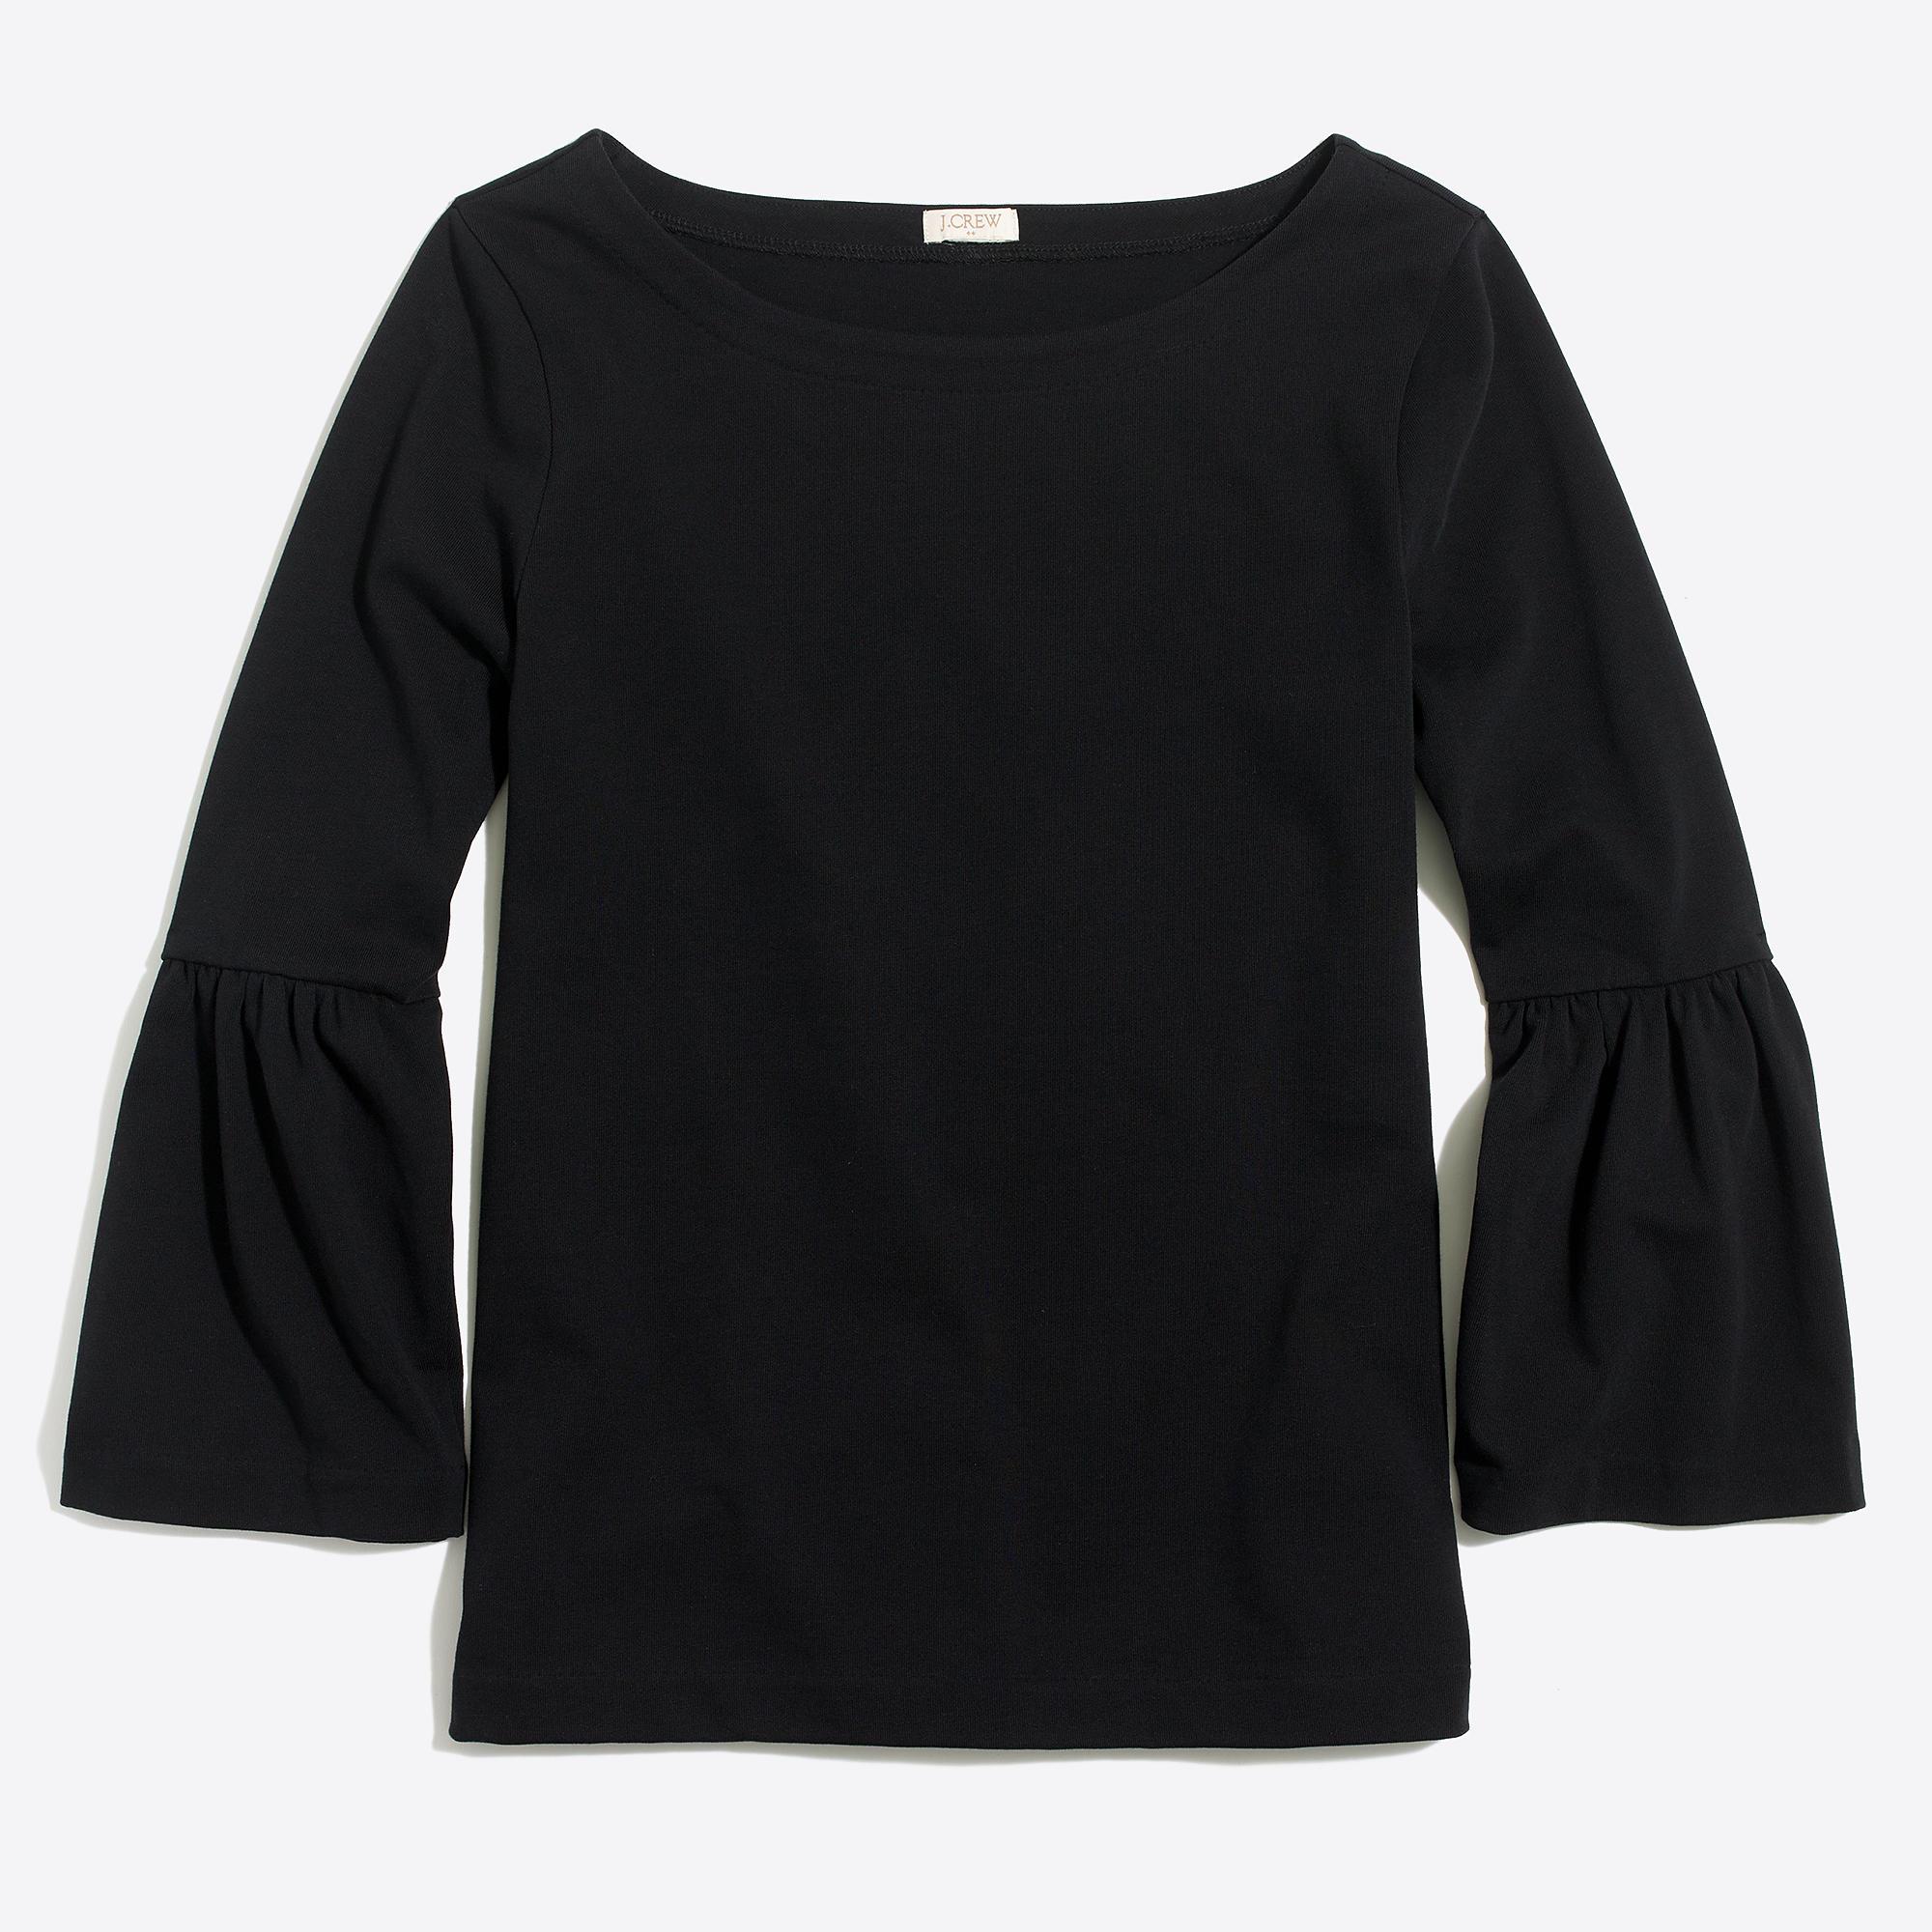 Bell Sleeve T Shirt Factorywomen Long Sleeve Factory